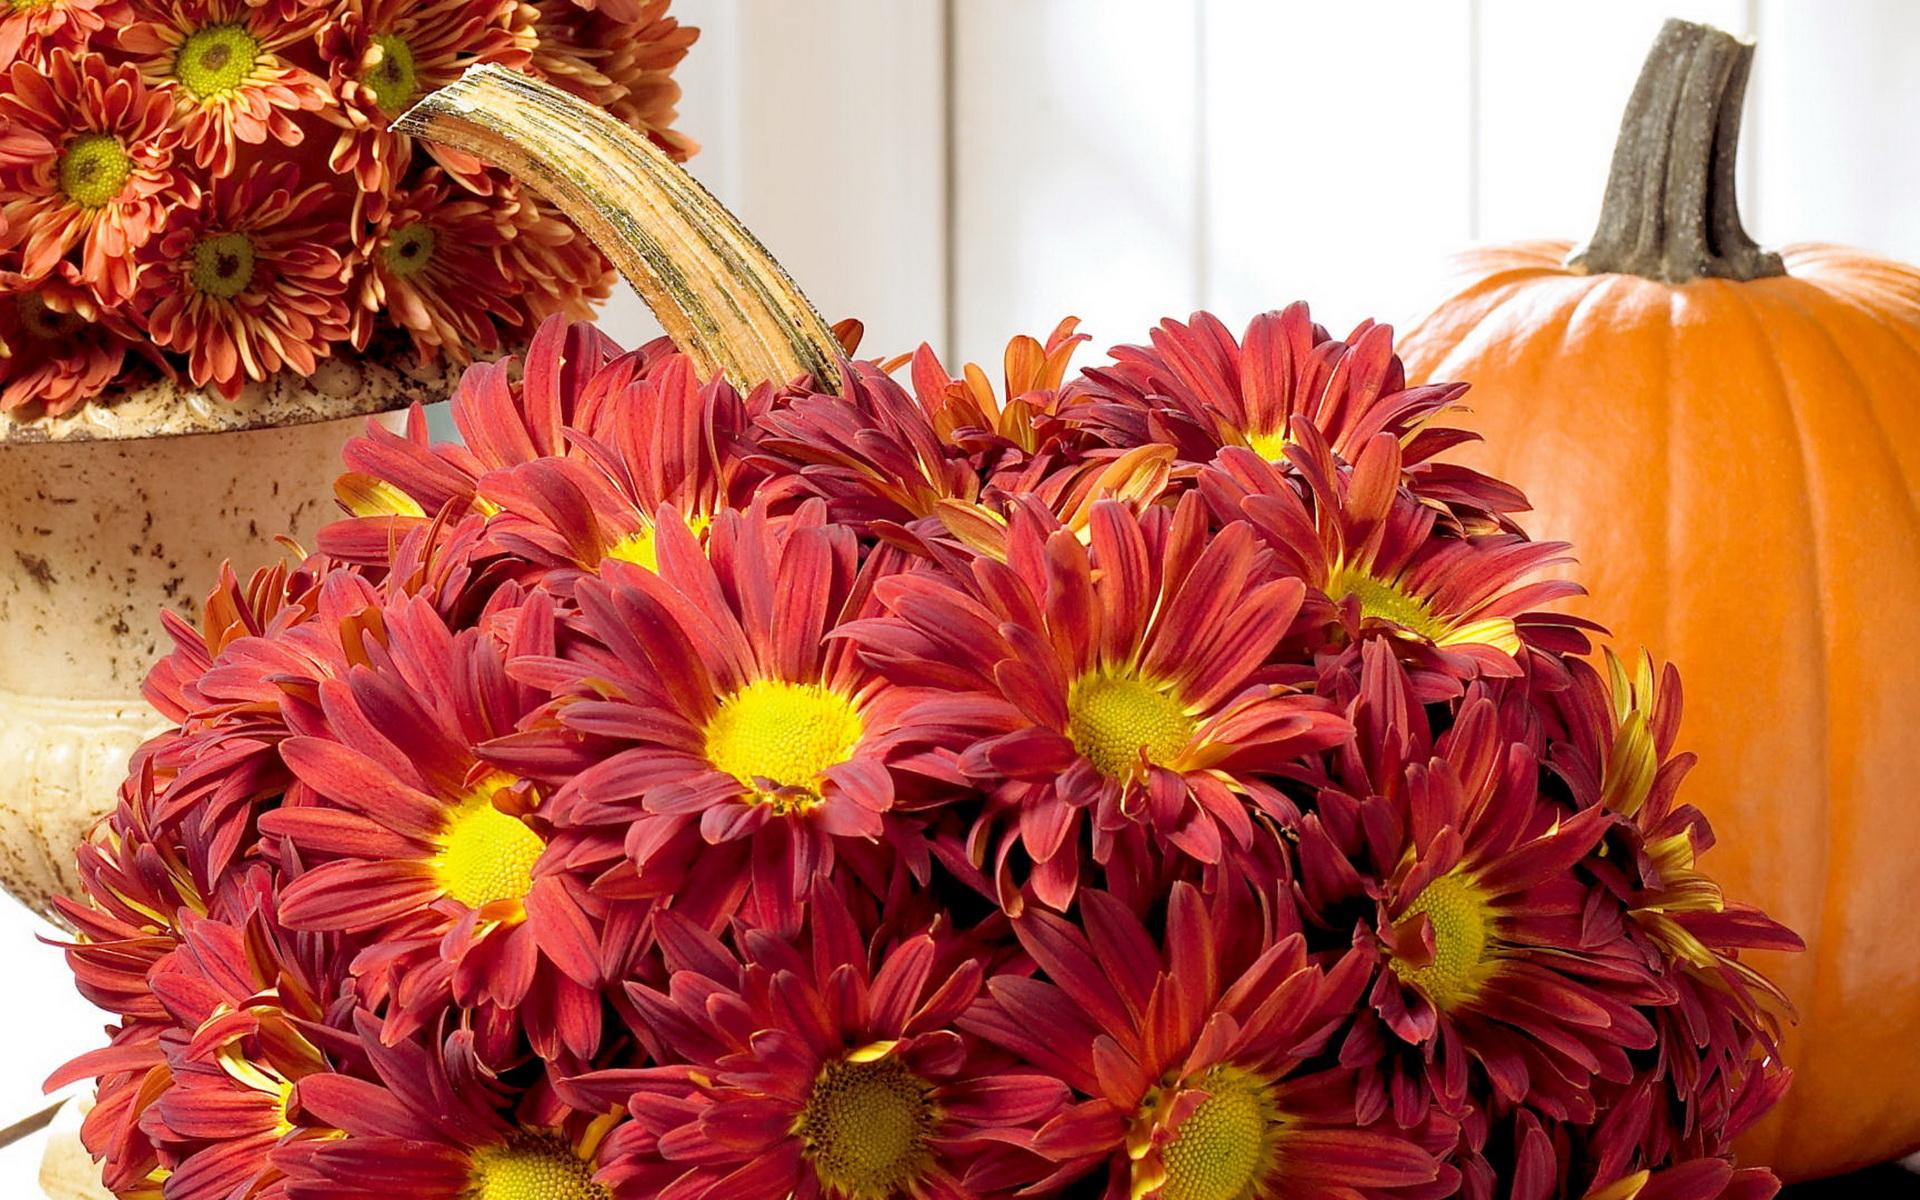 Картинки осенние цветы на рабочий стол хорошее качество, нет алкоголю картинка